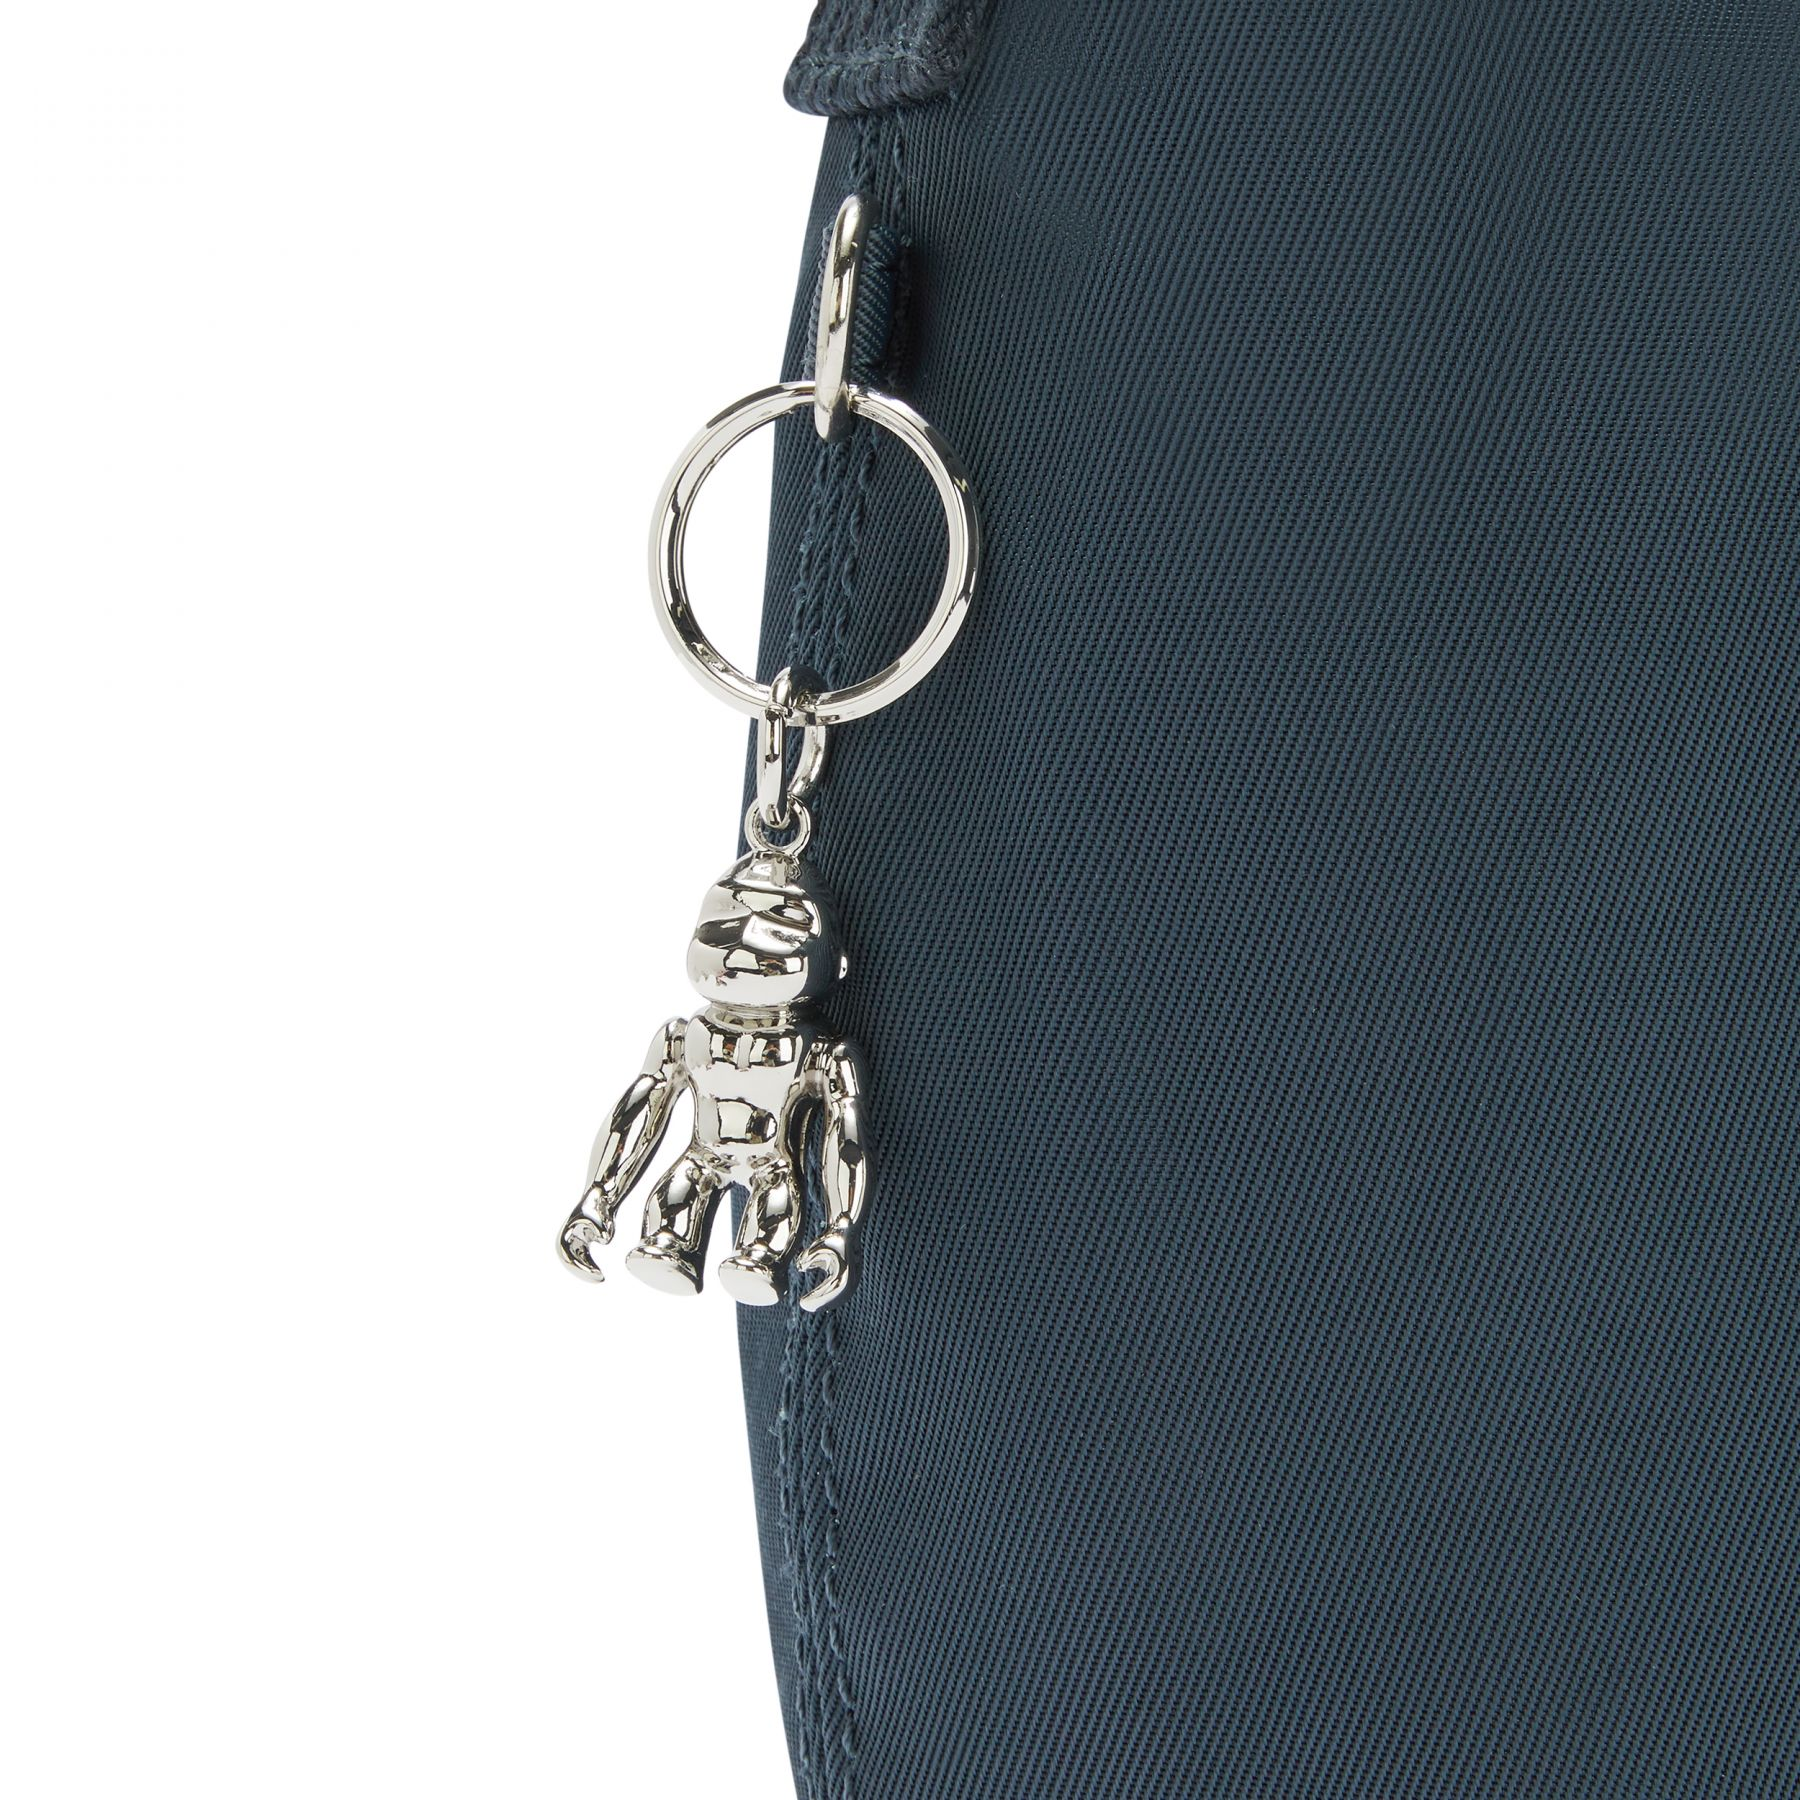 GALYA BAGS by Kipling